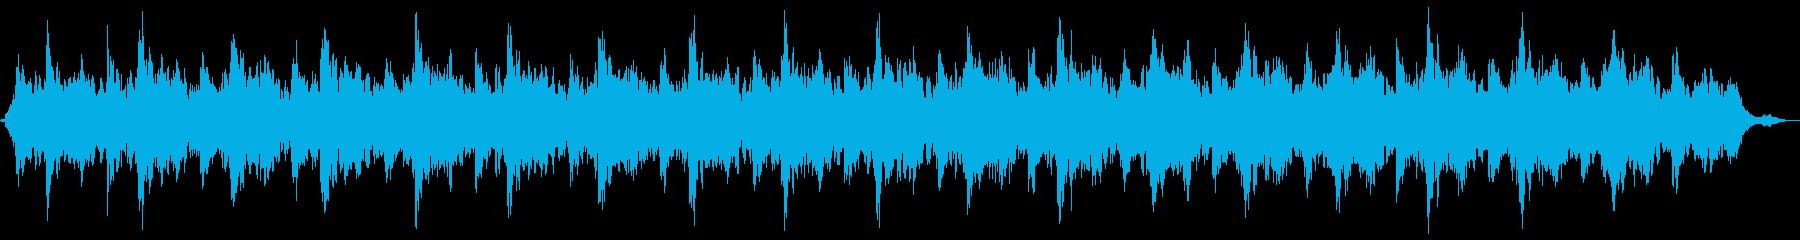 安らぎのギターアンビエントの再生済みの波形